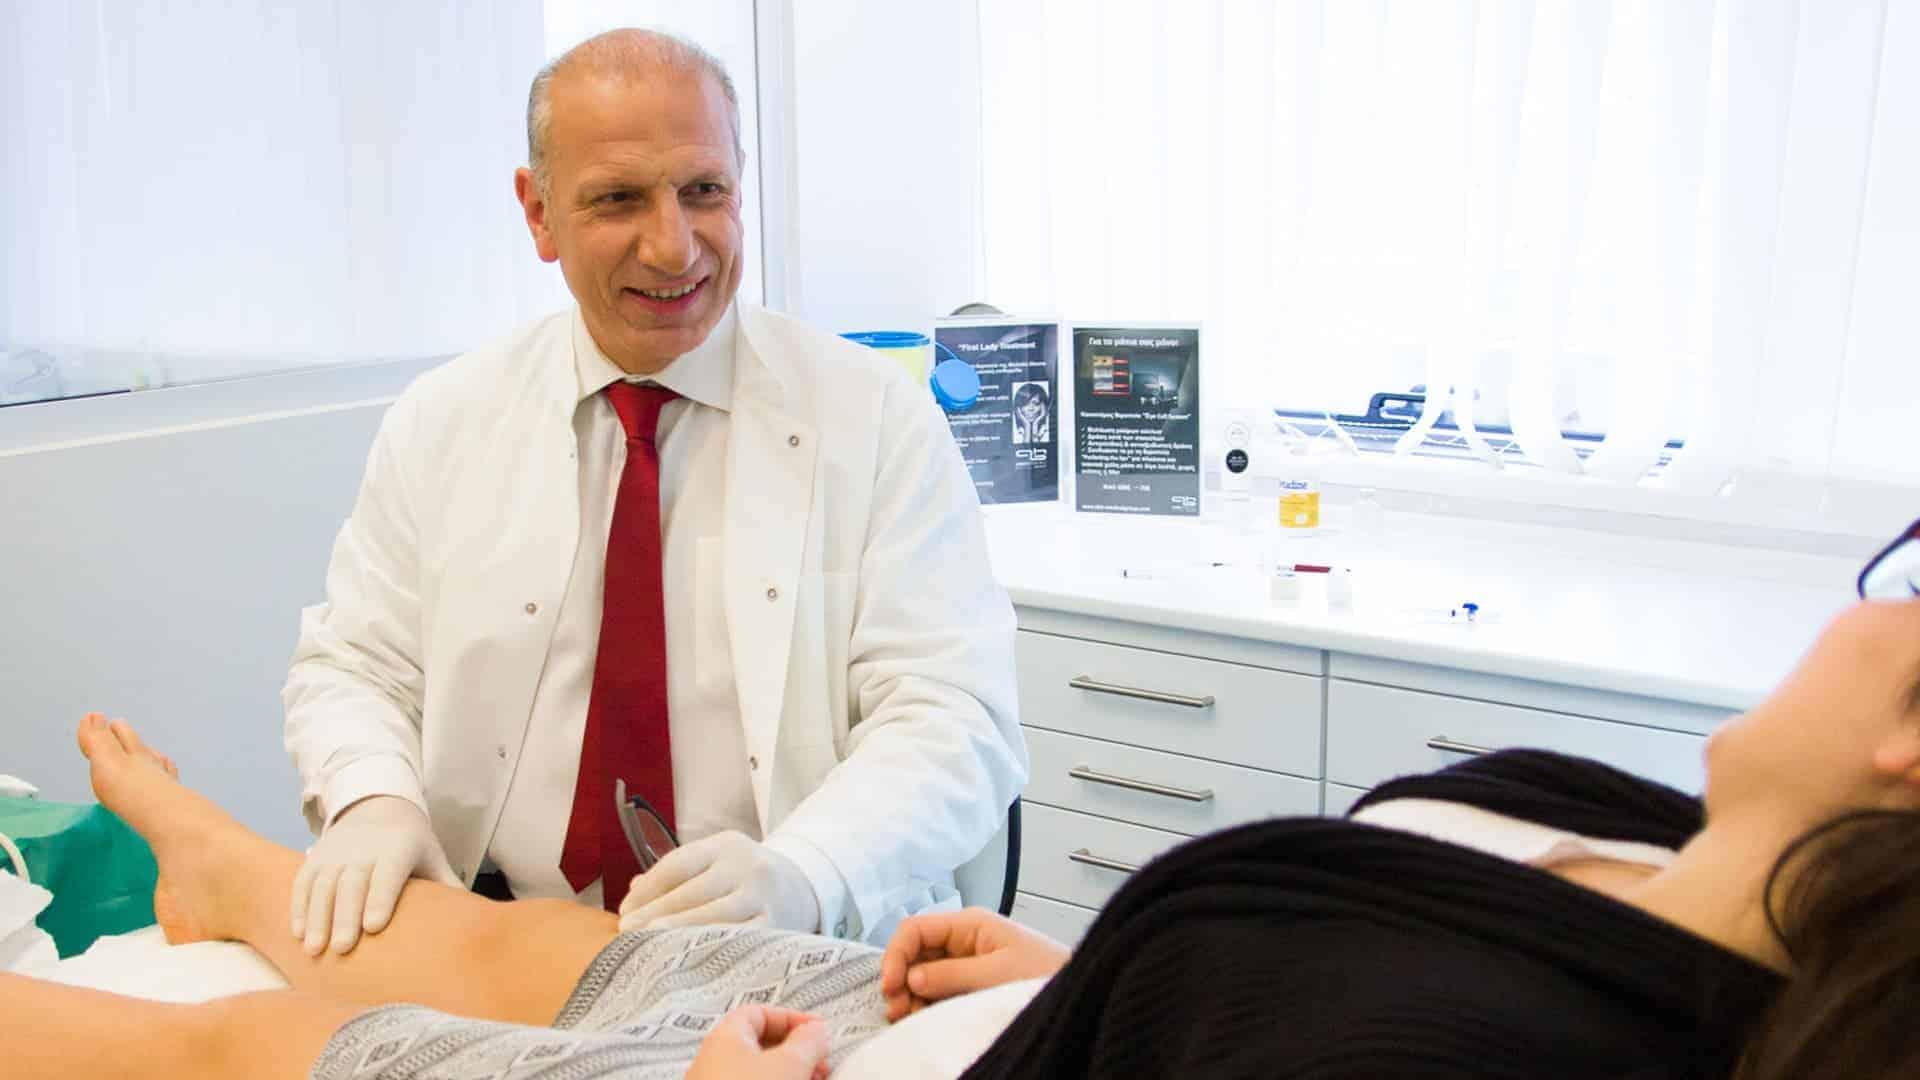 Αγγειοχειρουργός Αγγειολόγος Κόρινθος Vein Therapy Κέντρο Αγγειακών Θεραπειών